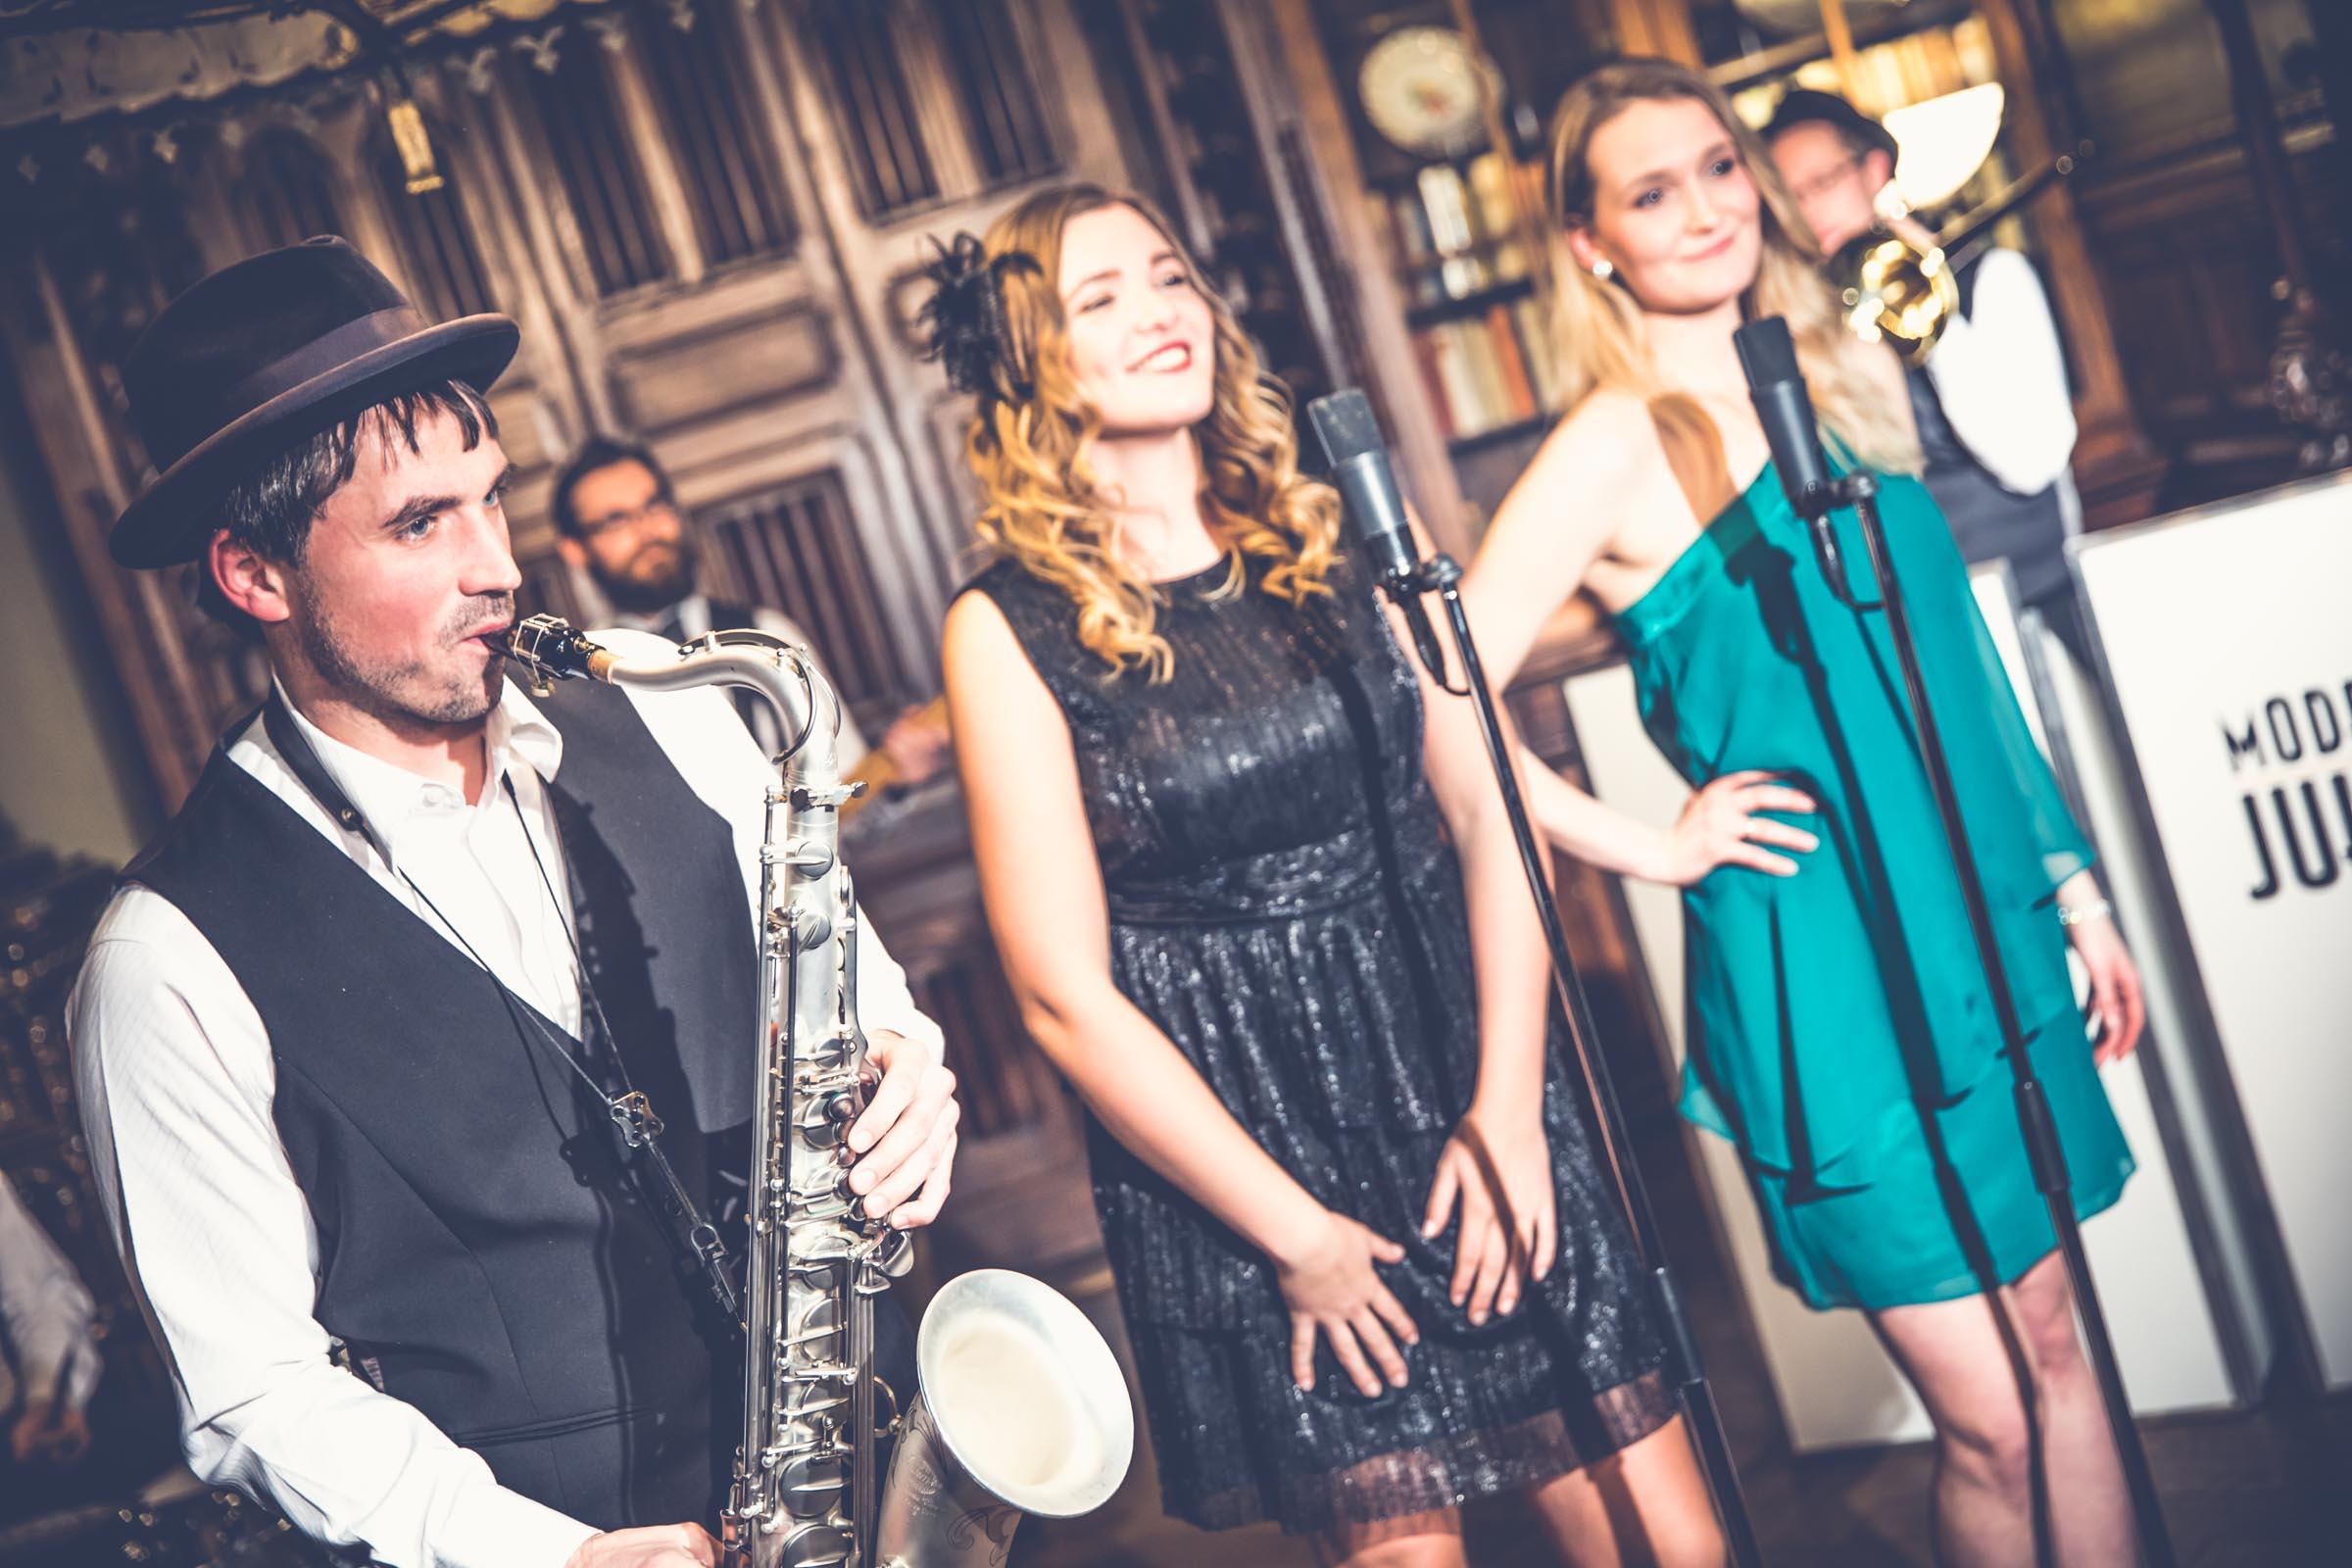 Band | Hannover | Hochzeit | Liveband | Livemusik | Walking | Act | Partyband | Jazzband | Swingband | Loungeband | Popband | Jazz | Saxophonist | Sängerin | Hochzeit | Firmenfeier | Buchen | Anfragen | Lehmann | Eventservice